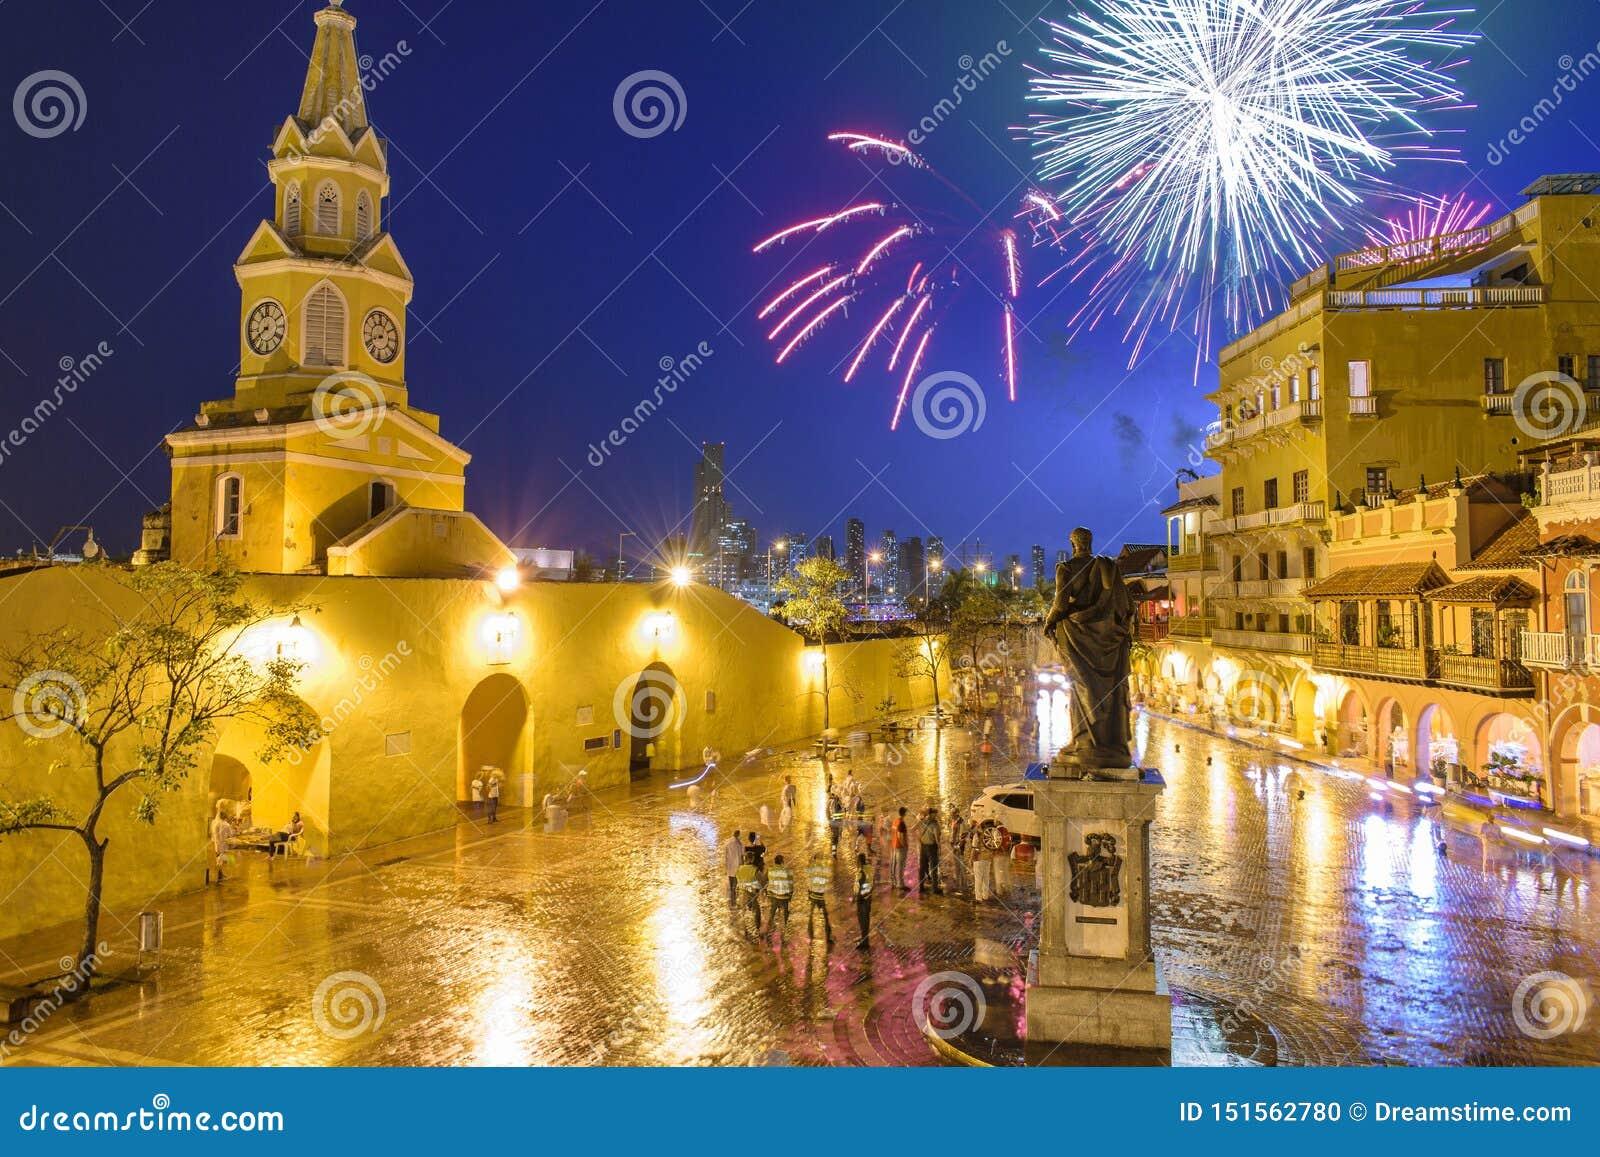 Fogos de artifício sobre a cidade velha de Cartagena, Colômbia